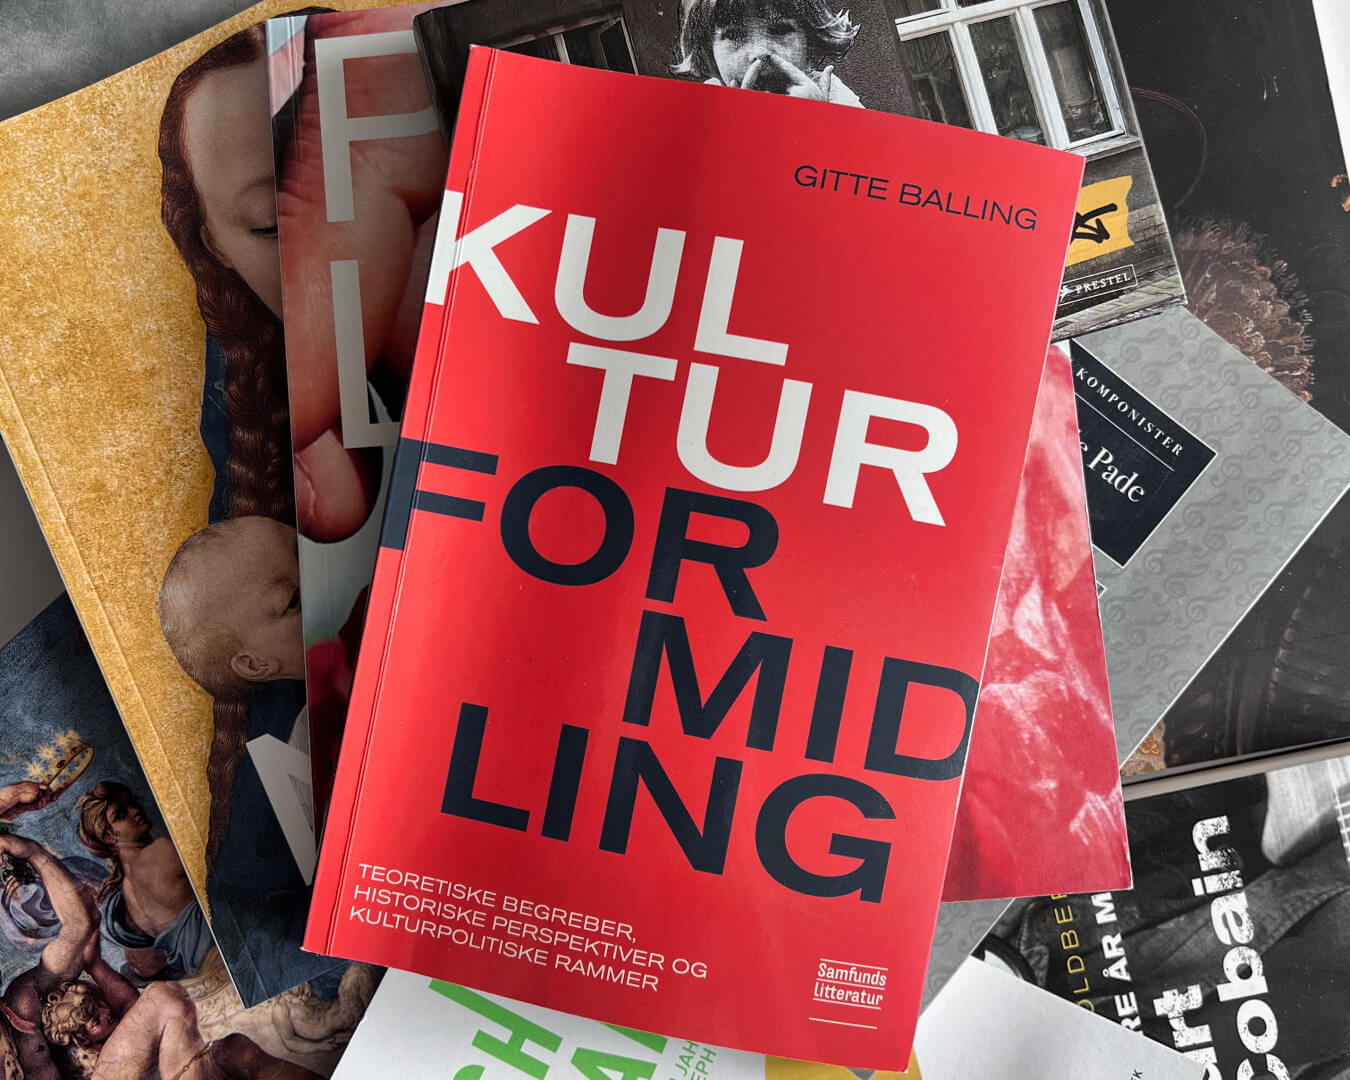 Anmeldelse af Kulturformidling af Gitte Balling udgivet på Samfundslitteratur